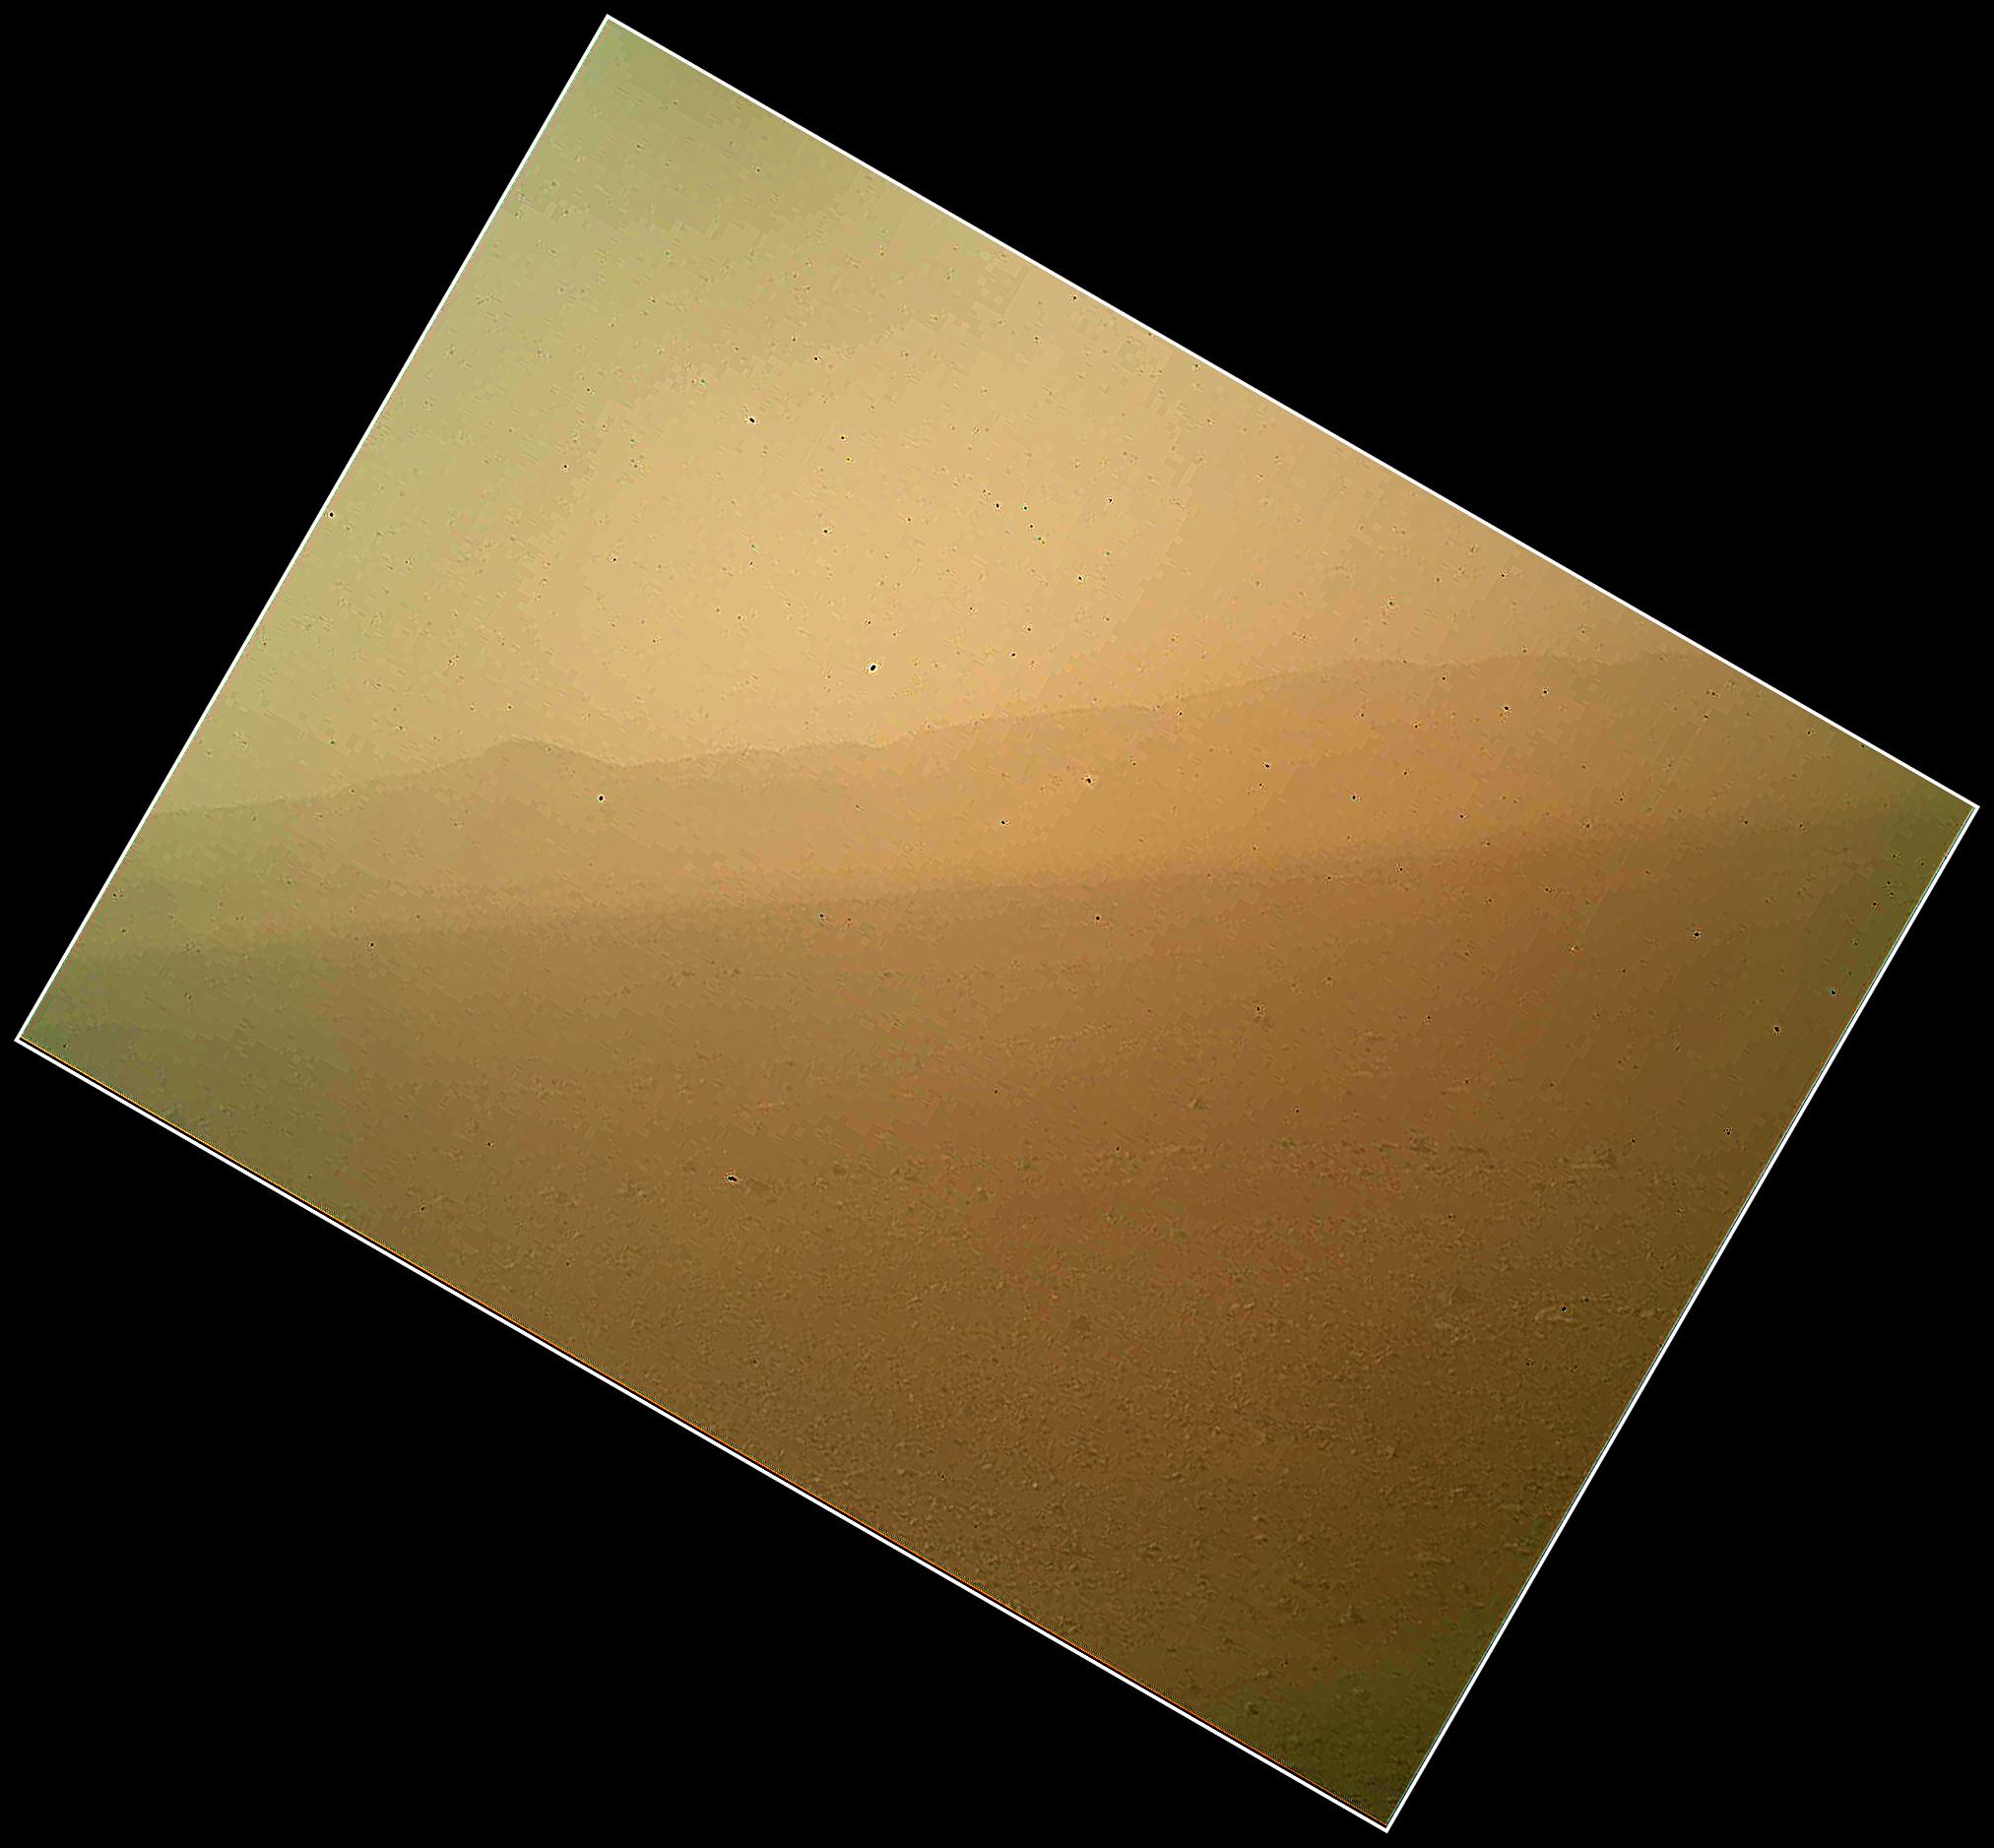 IMAGE(http://www.nasa.gov/images/content/674083main_PIA15691-full_full.jpg)